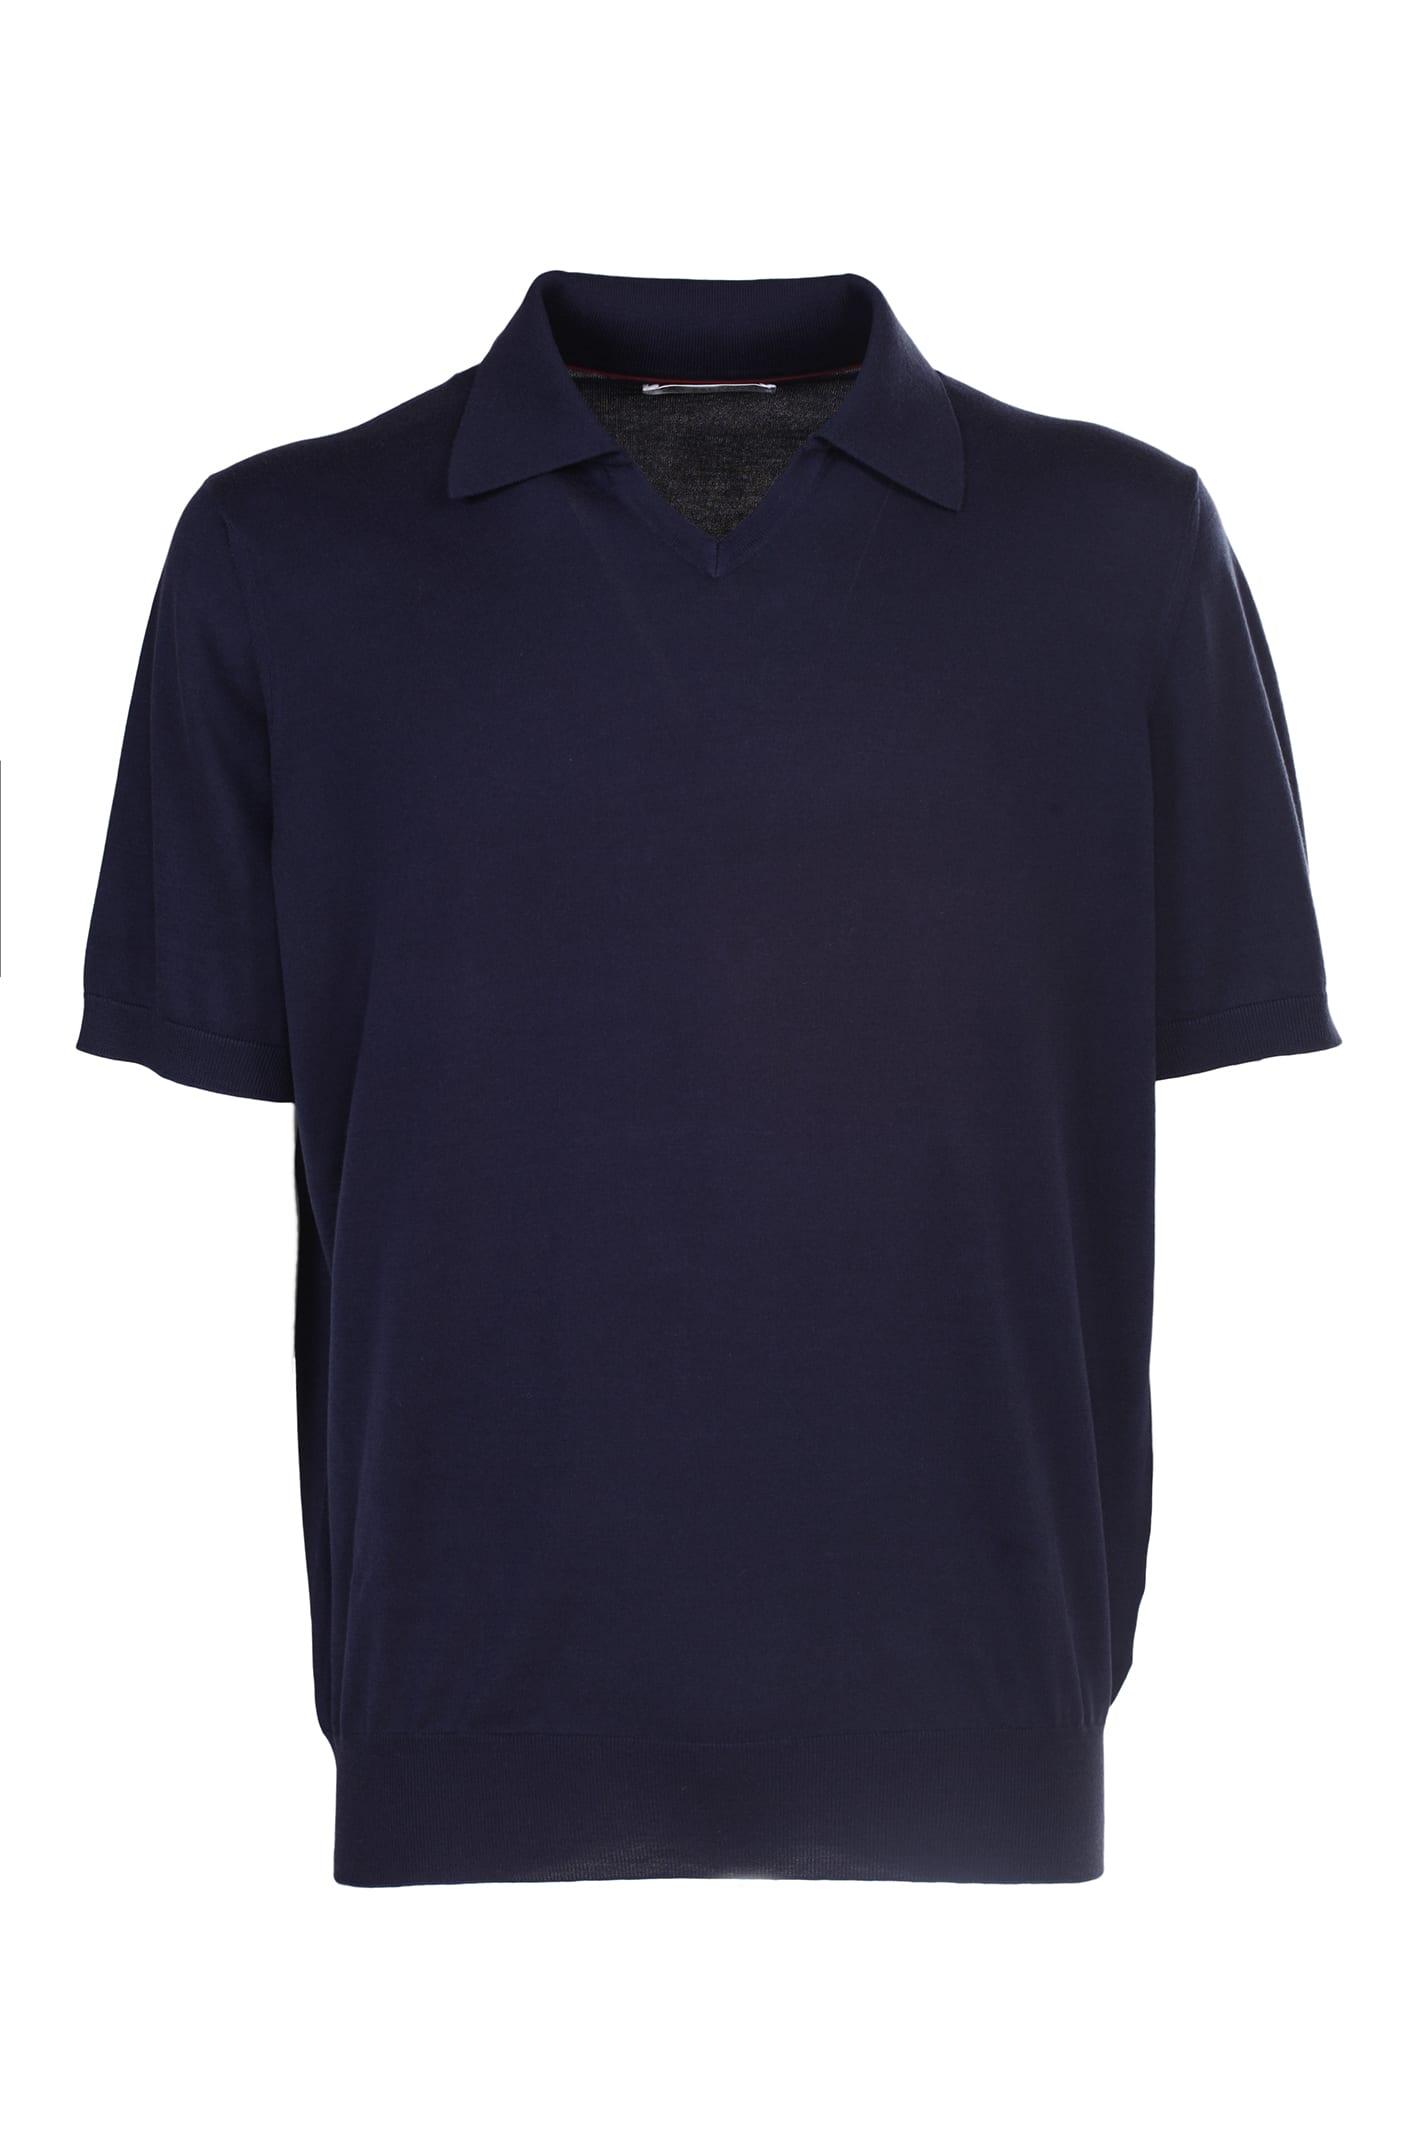 Blue Polo Shirt, Brunello Cucinelli